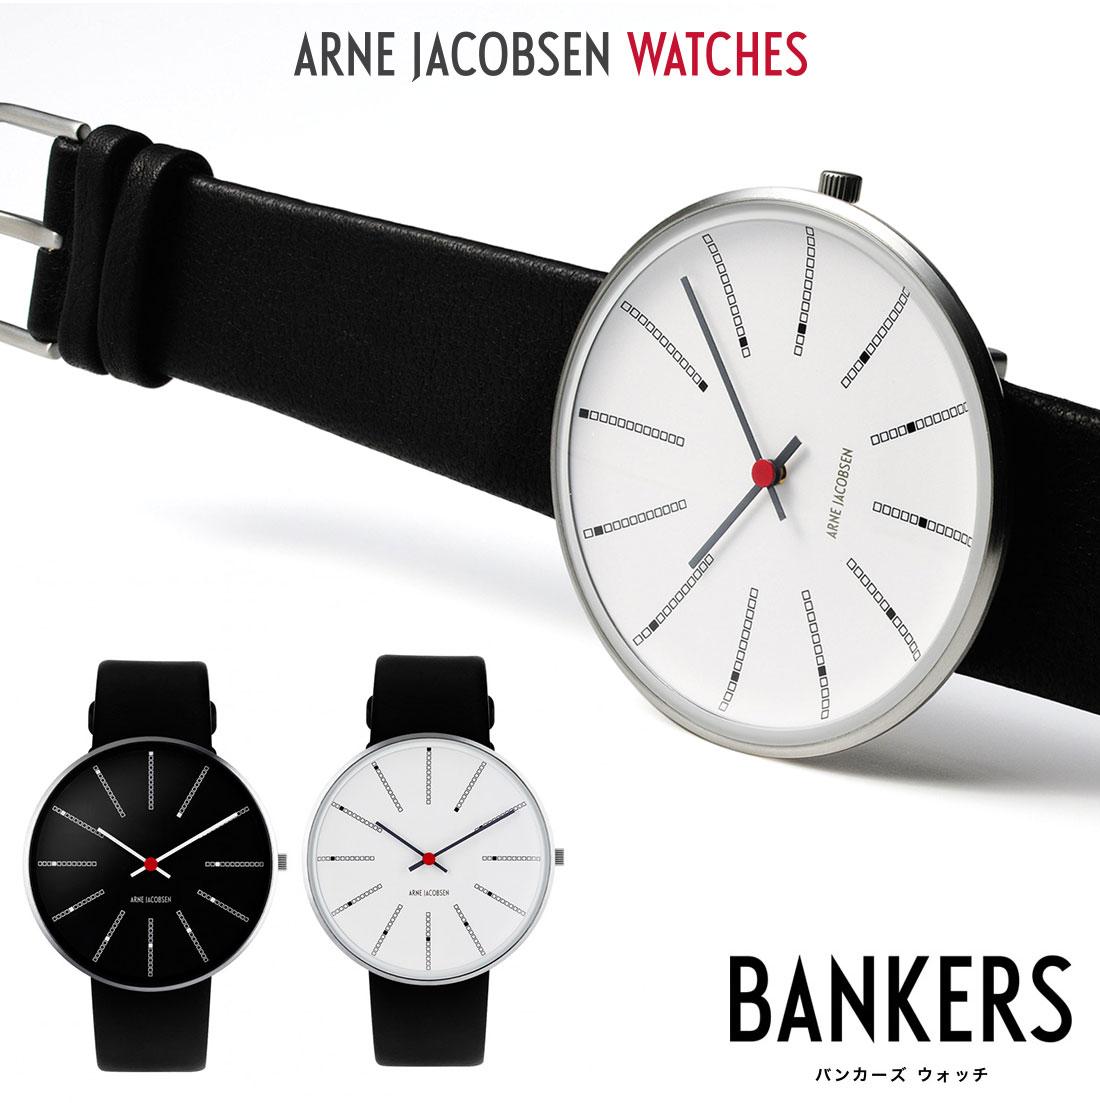 店舗クーポン発行中!ARNE JACOBSEN WATCH アルネヤコブセン バンカーズ腕時計 時計 ウォッチ WATCH 北欧 デンマーク ローゼンダール コンビニ受取対応